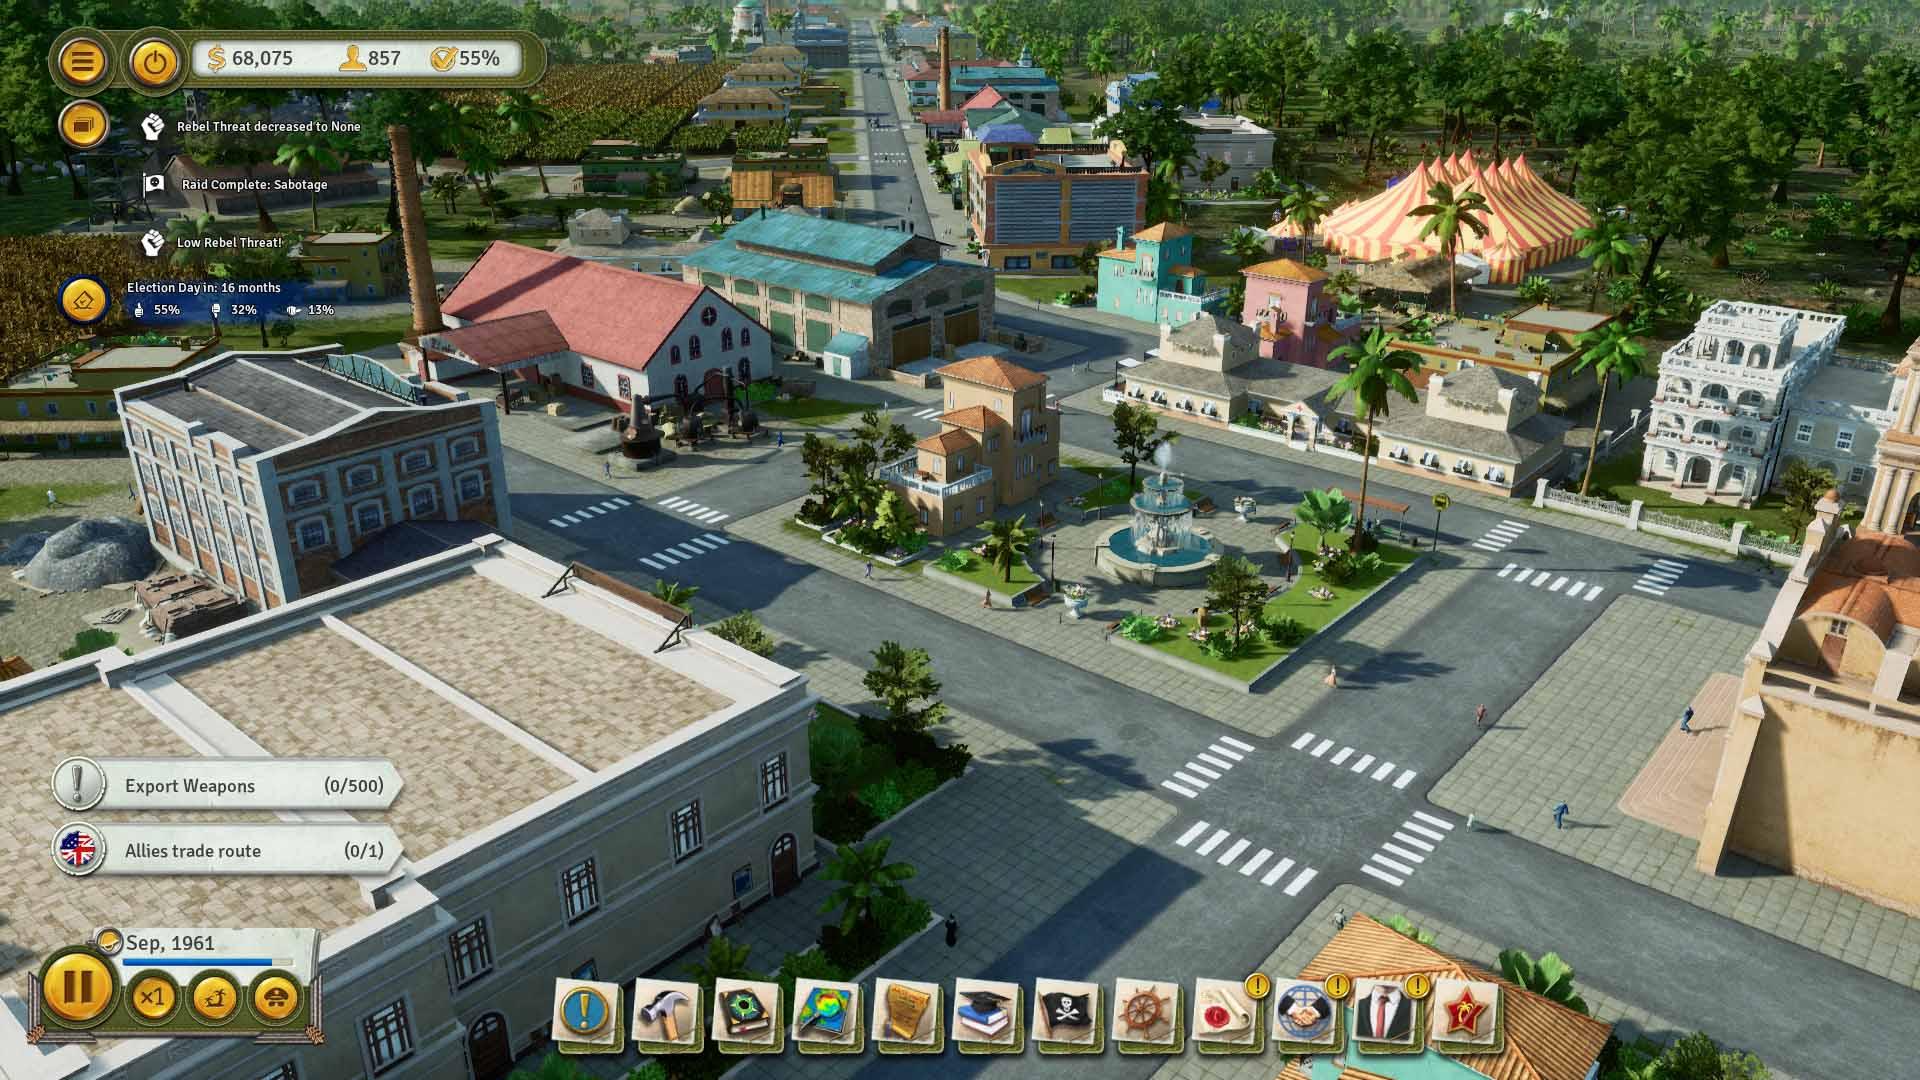 el presidente town